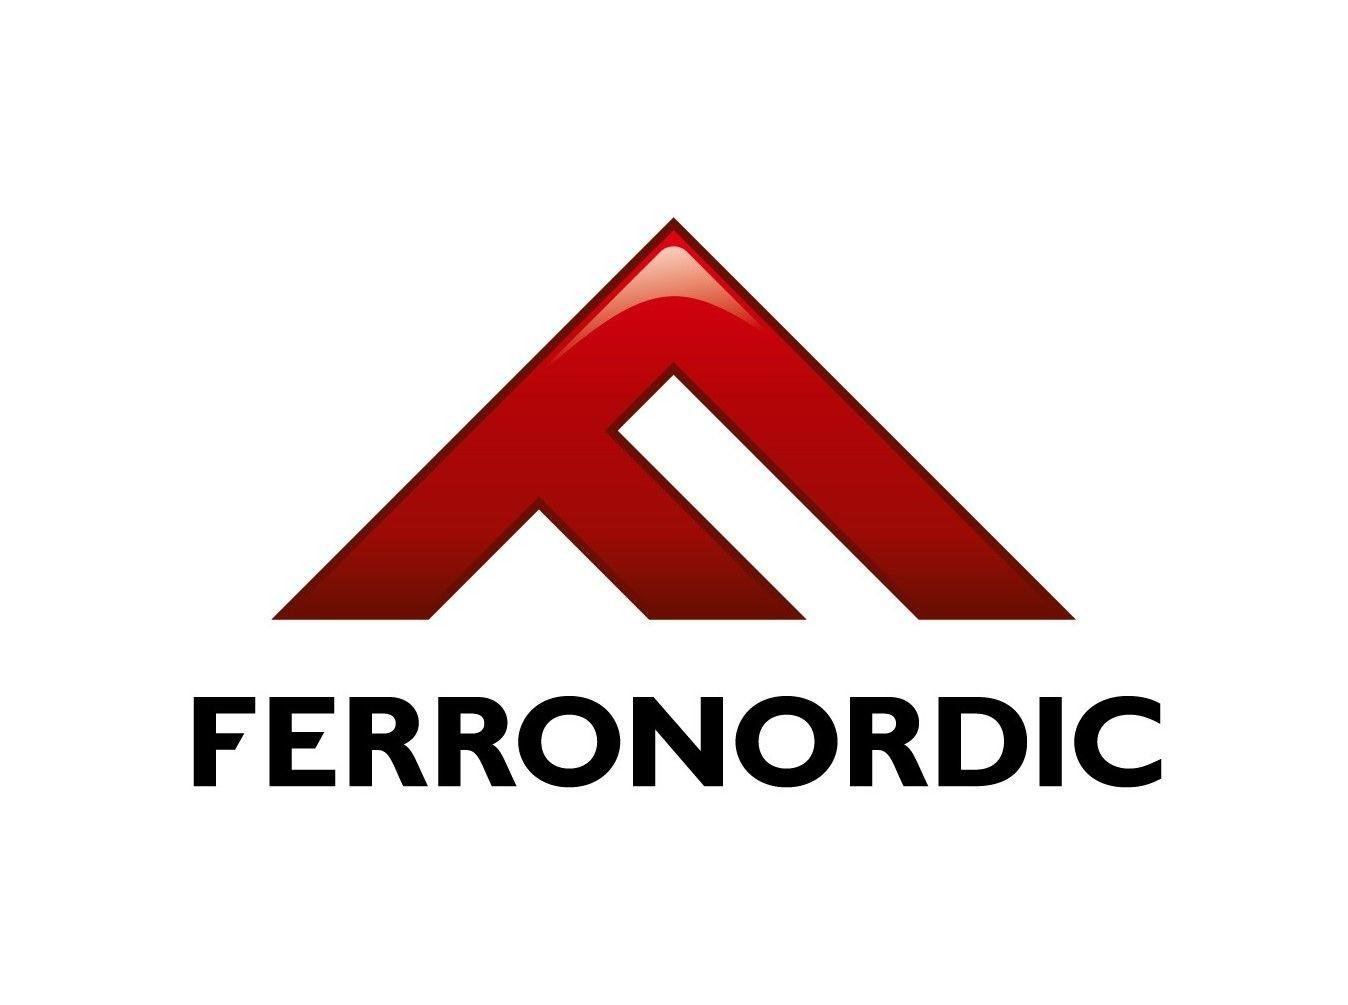 Логотип клиента 4